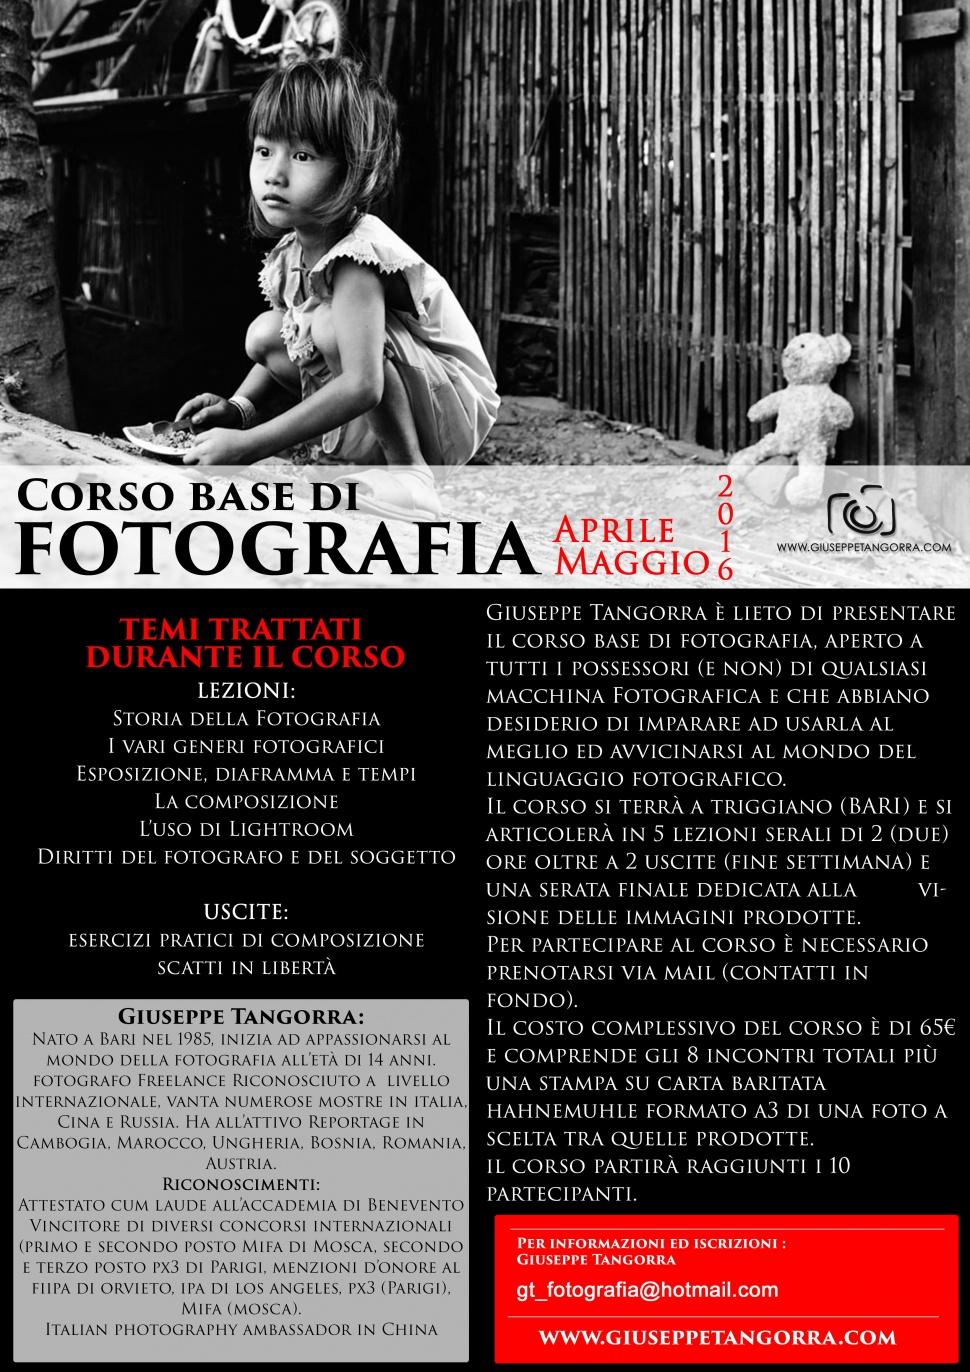 Corso_Base_Fotografia.jpg